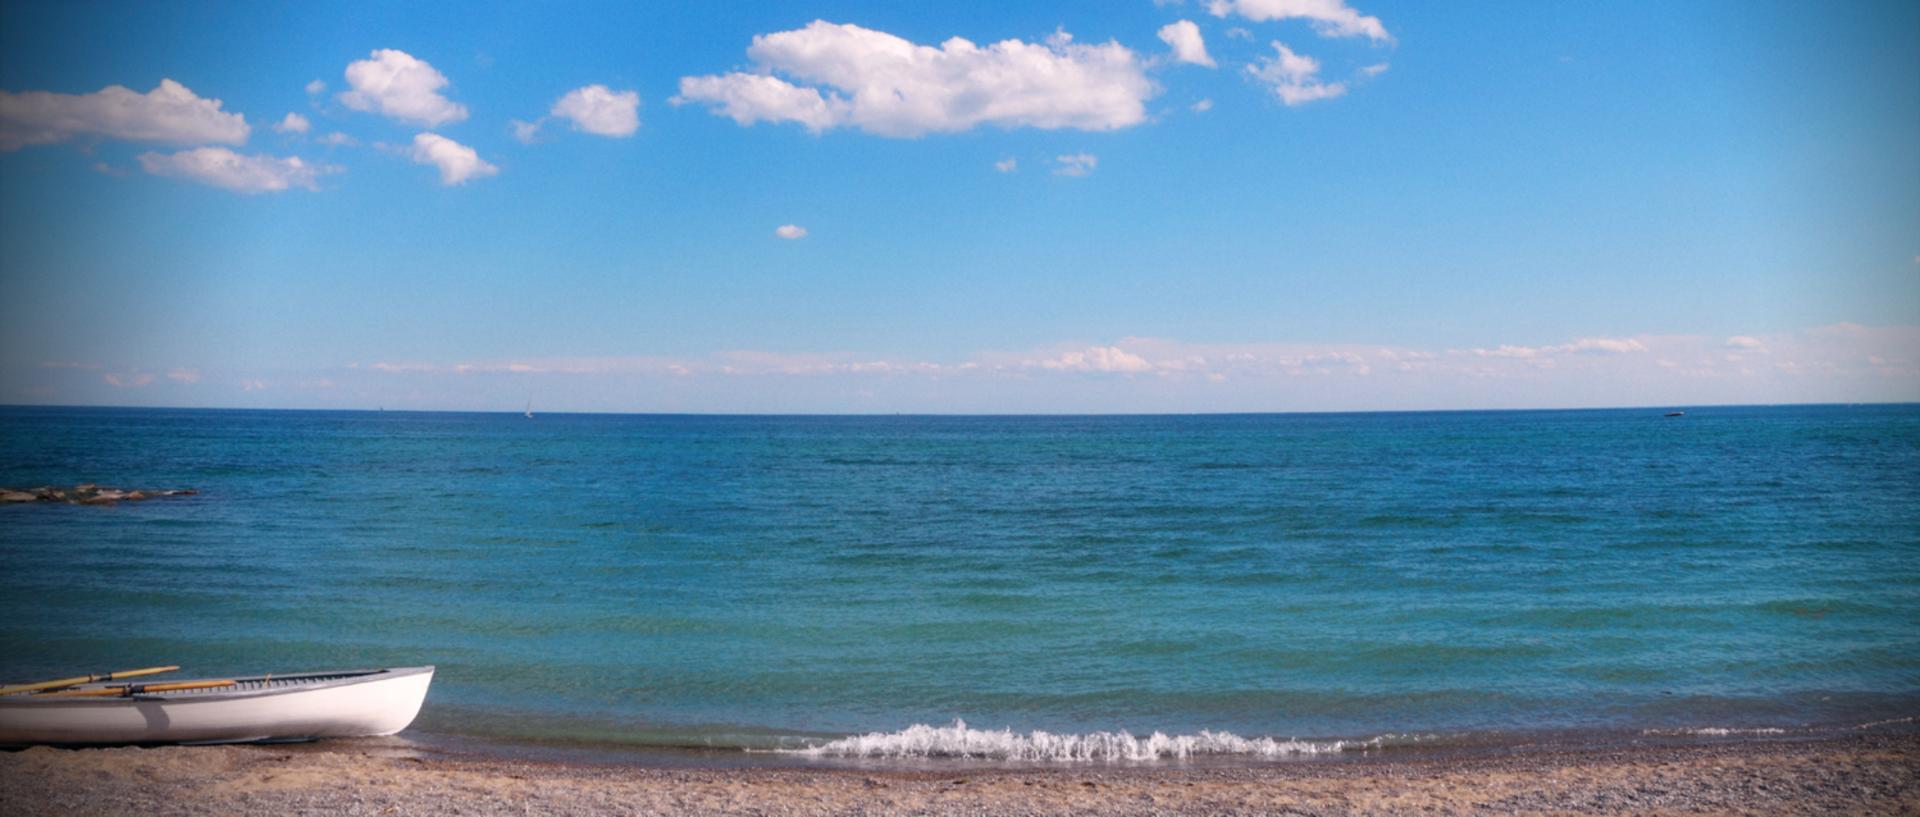 Great Lake Ontario